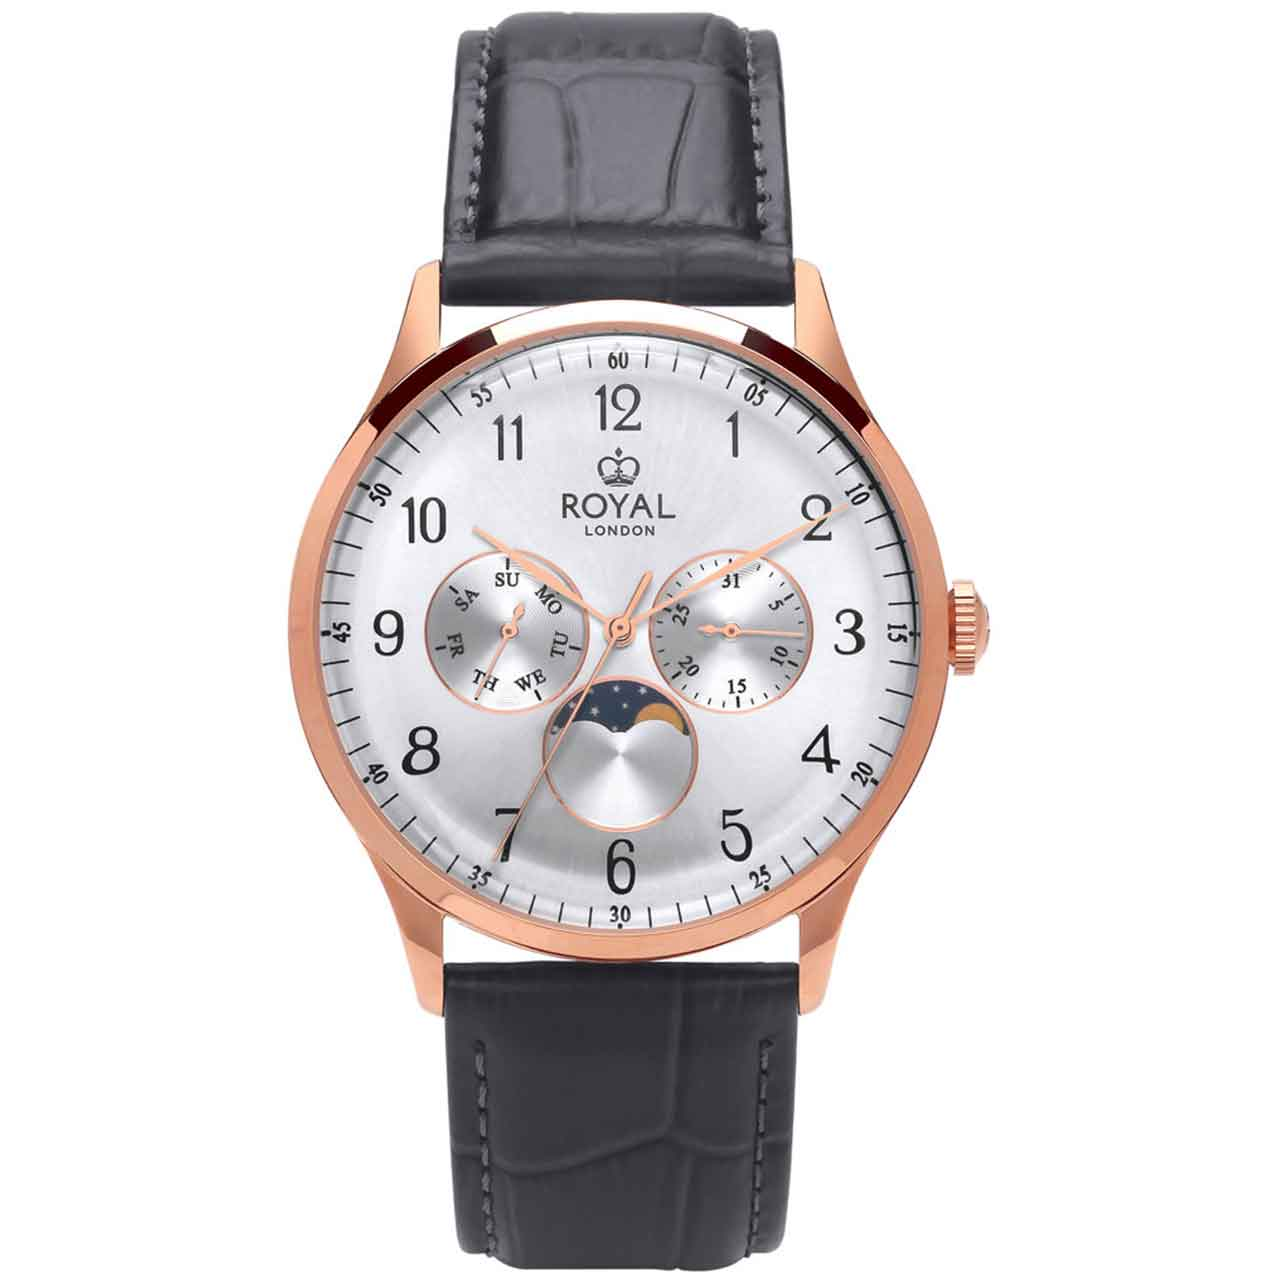 ساعت مچی عقربه ای مردانه رویال لندن مدل RL-41390-04 18